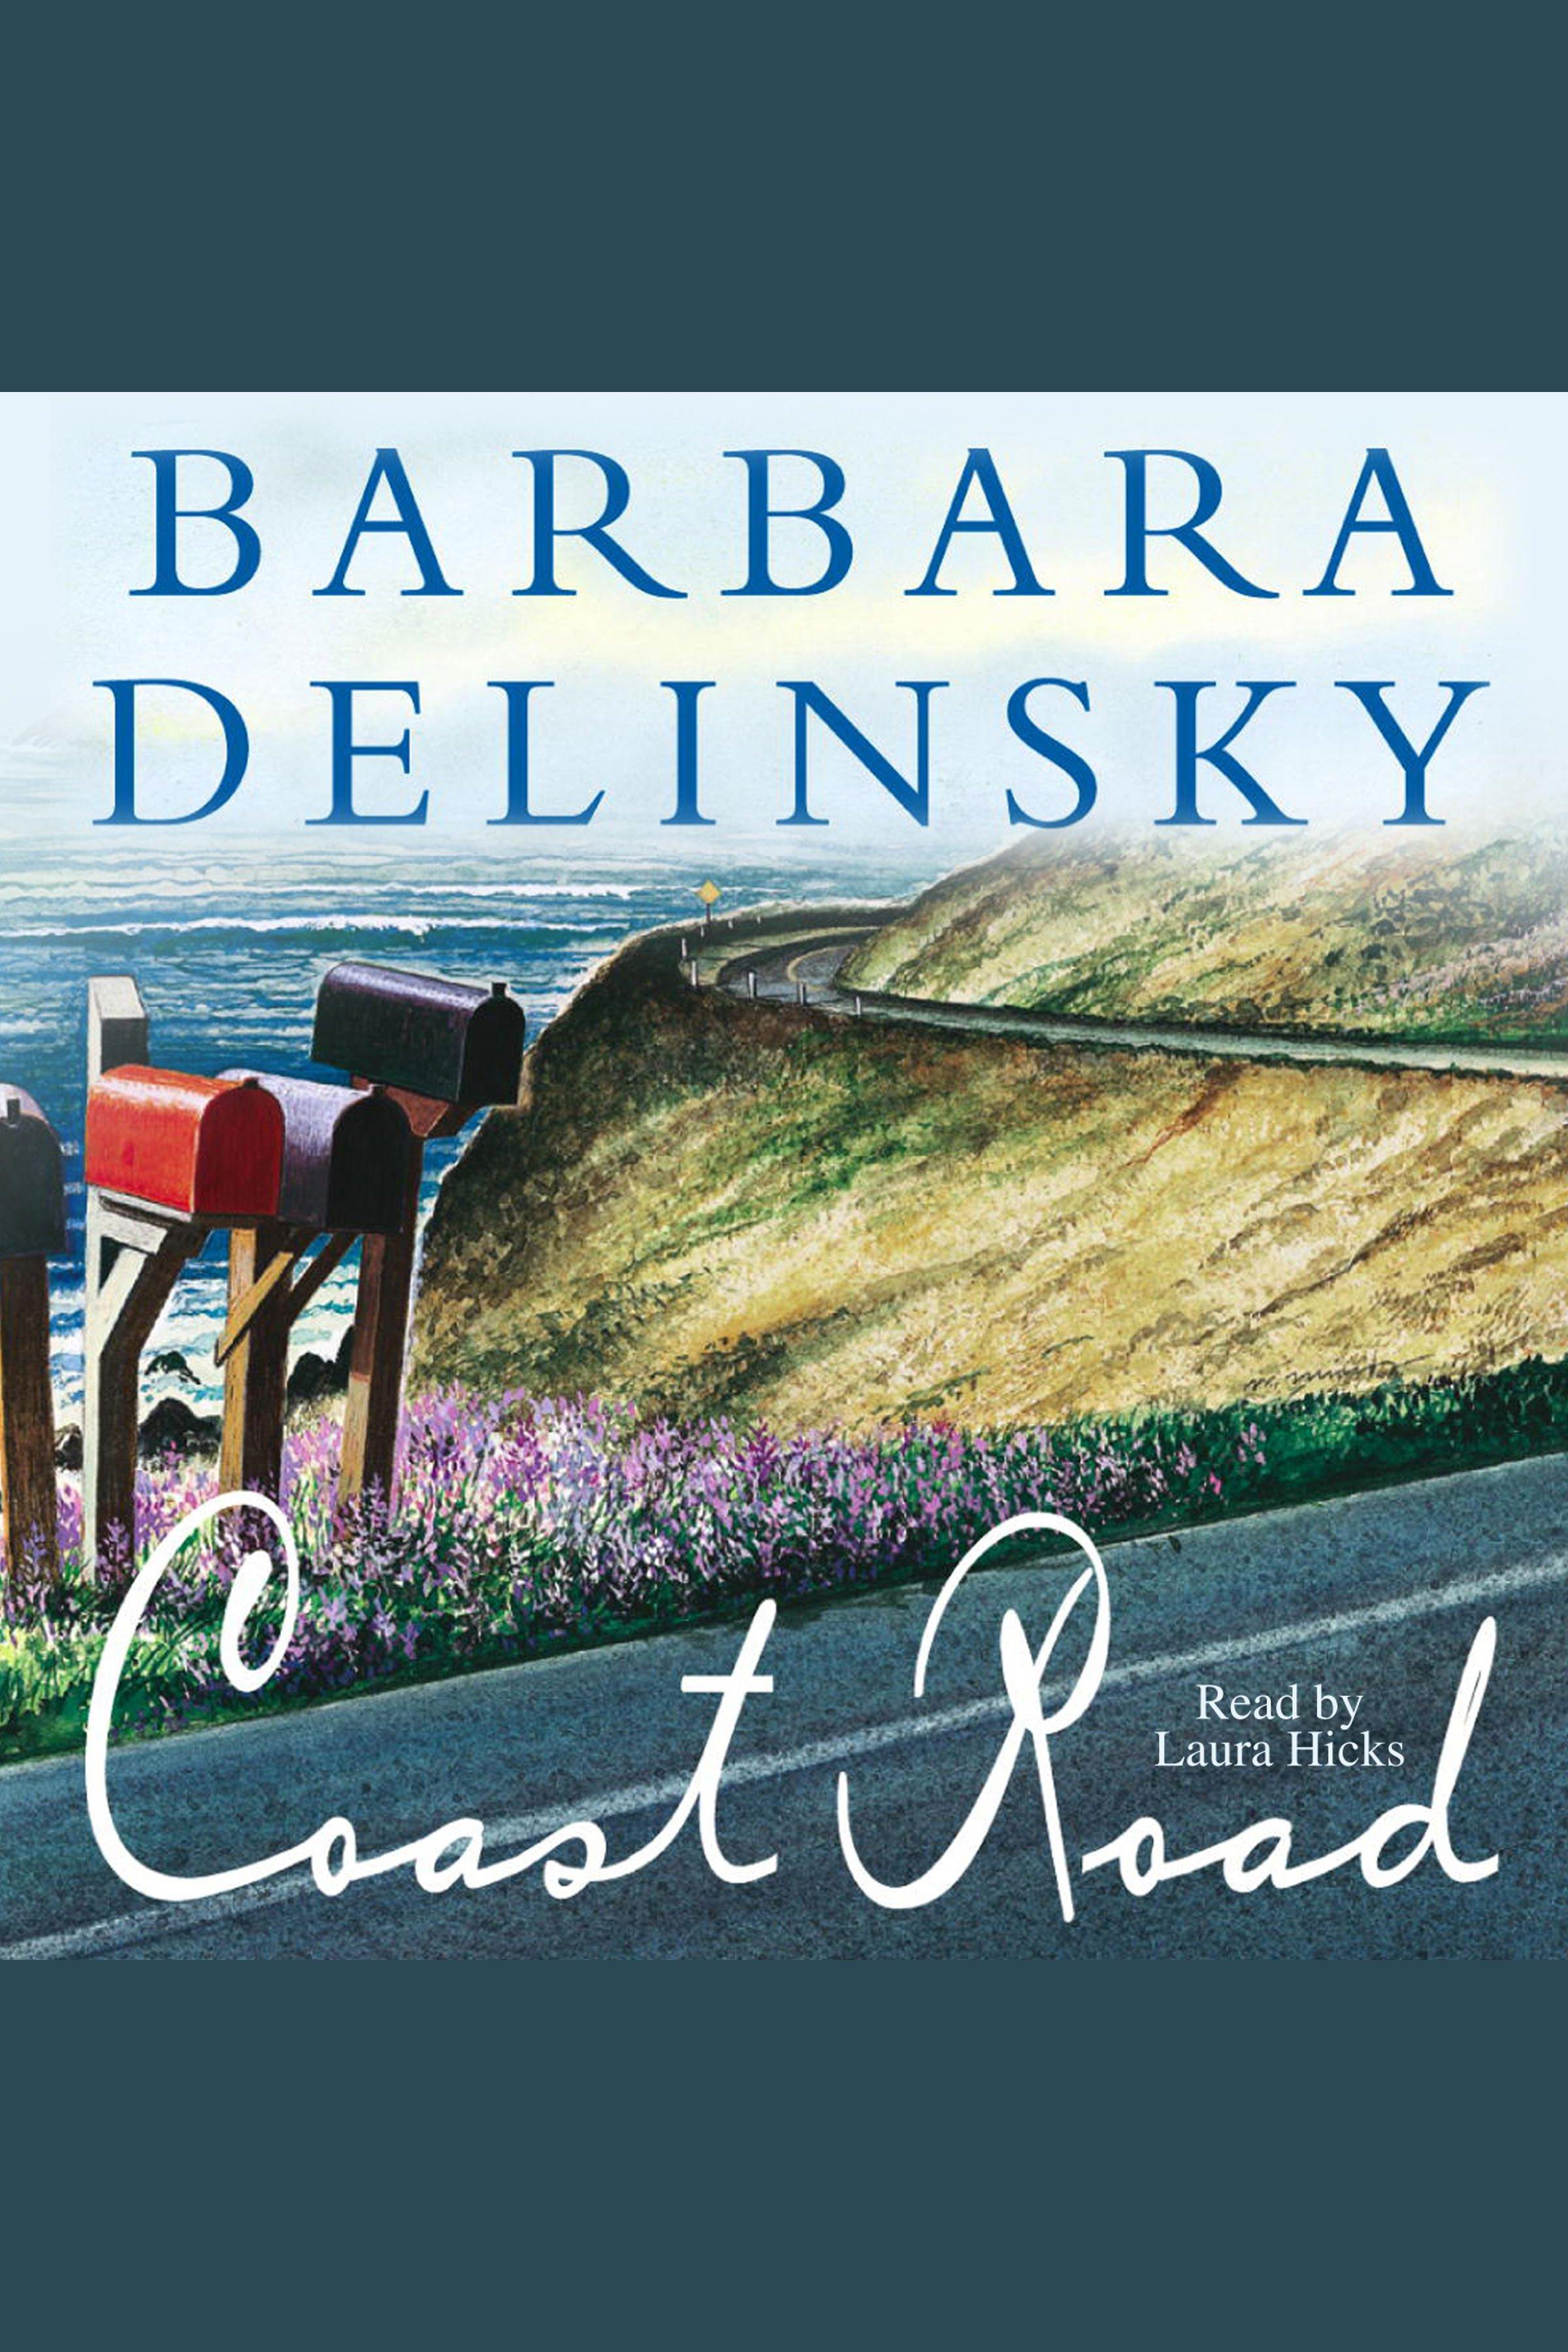 Coast Road cover image